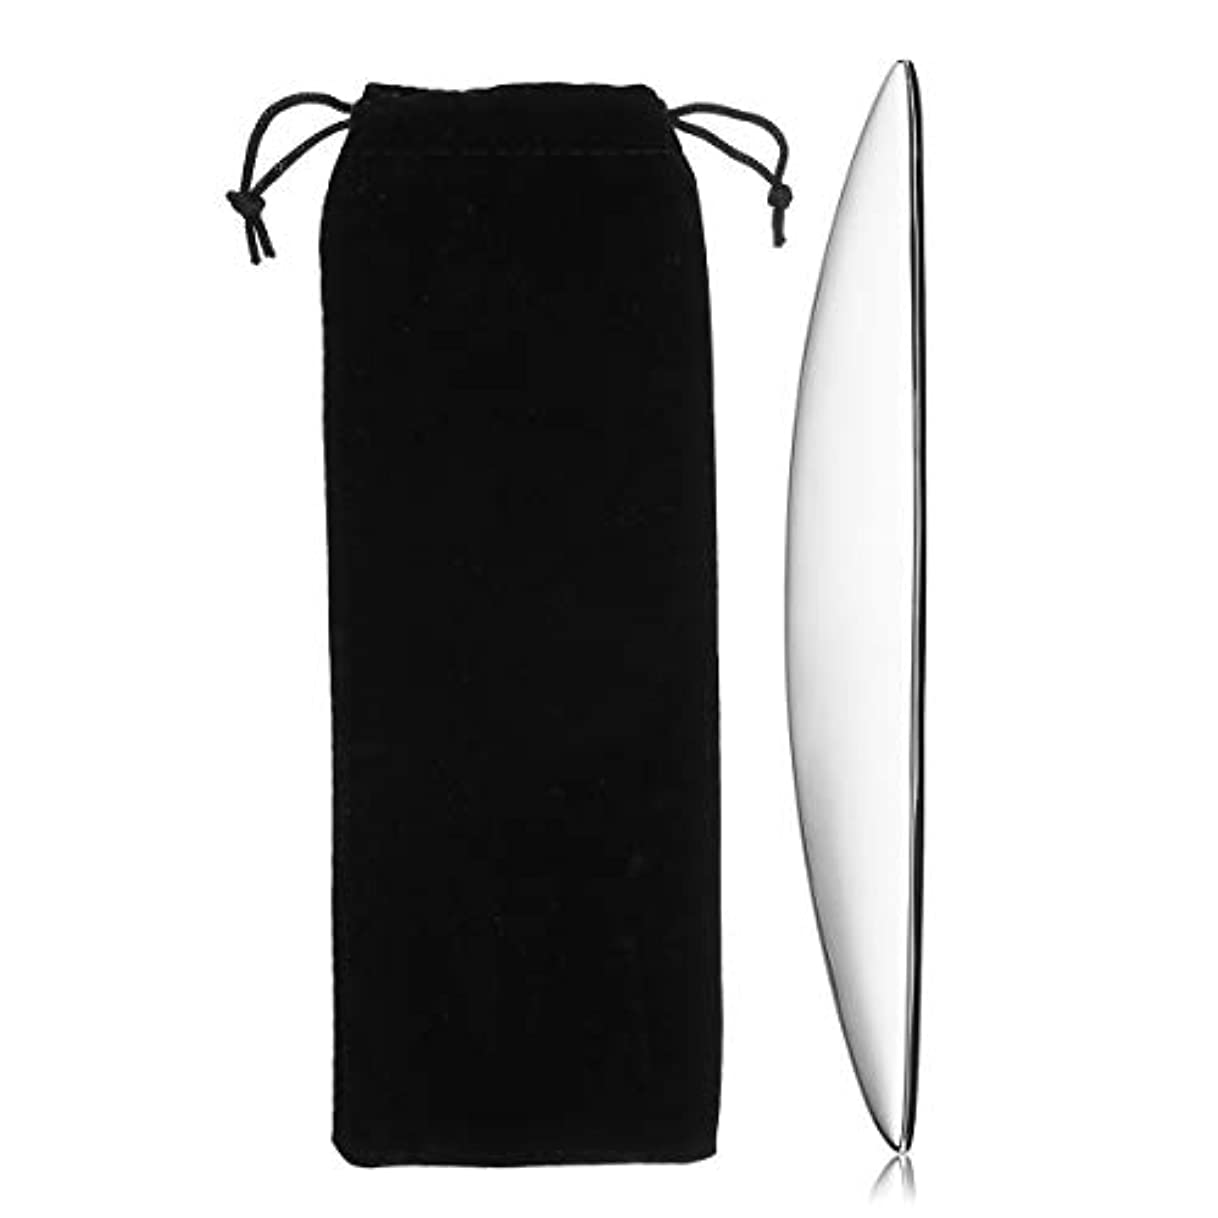 冬評論家買うKISENG 304ステンレス鋼 グアシャマッサージ グアシャこすり スパ 手動マッサージボード ボディ健康ツール